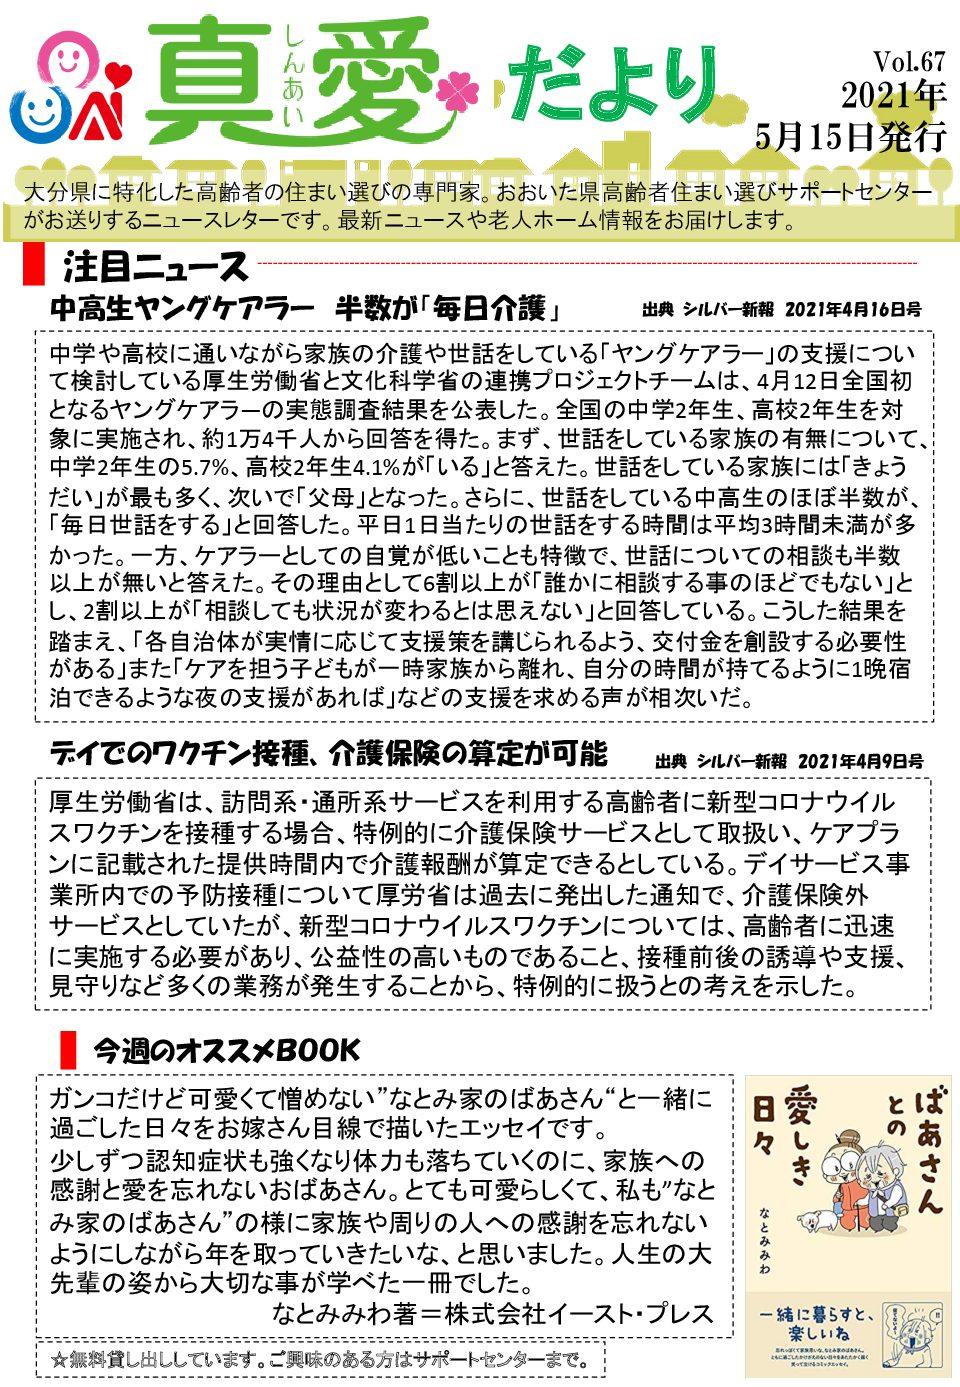 真愛だより【Vol.67】2021.5.15発行